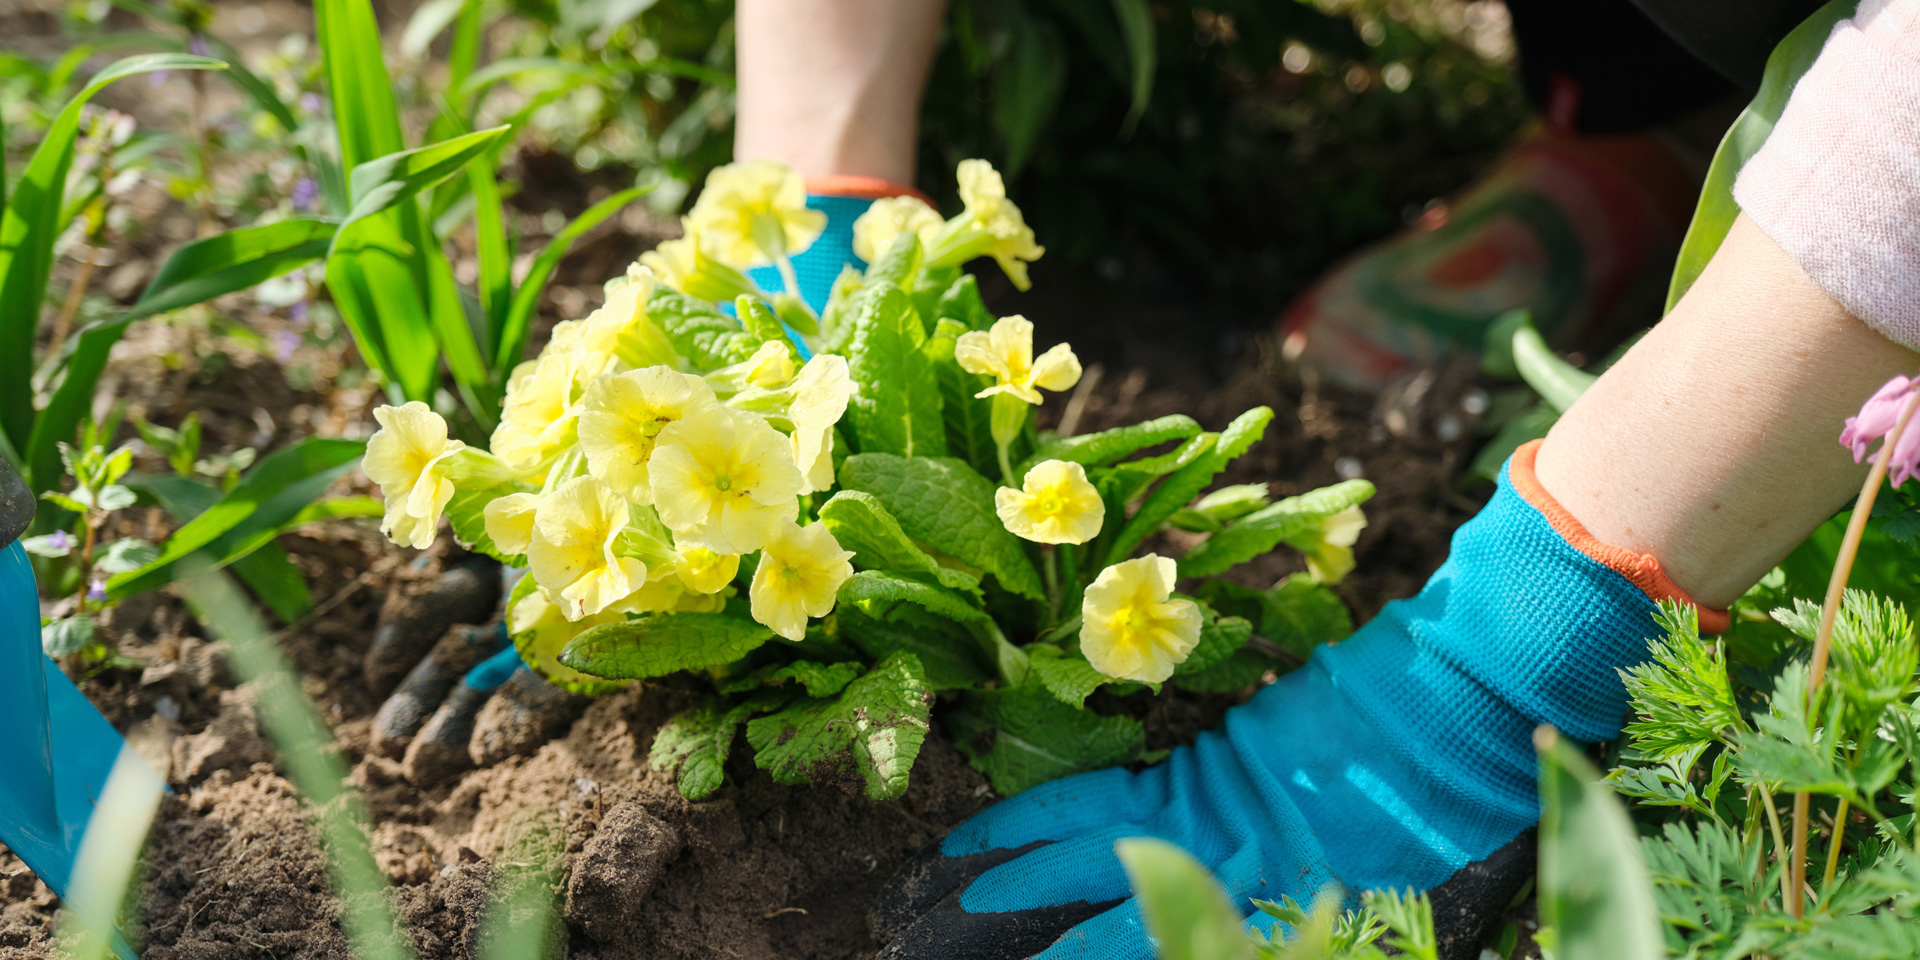 Der März ist da: So machst du deinen Garten frühlingsfit